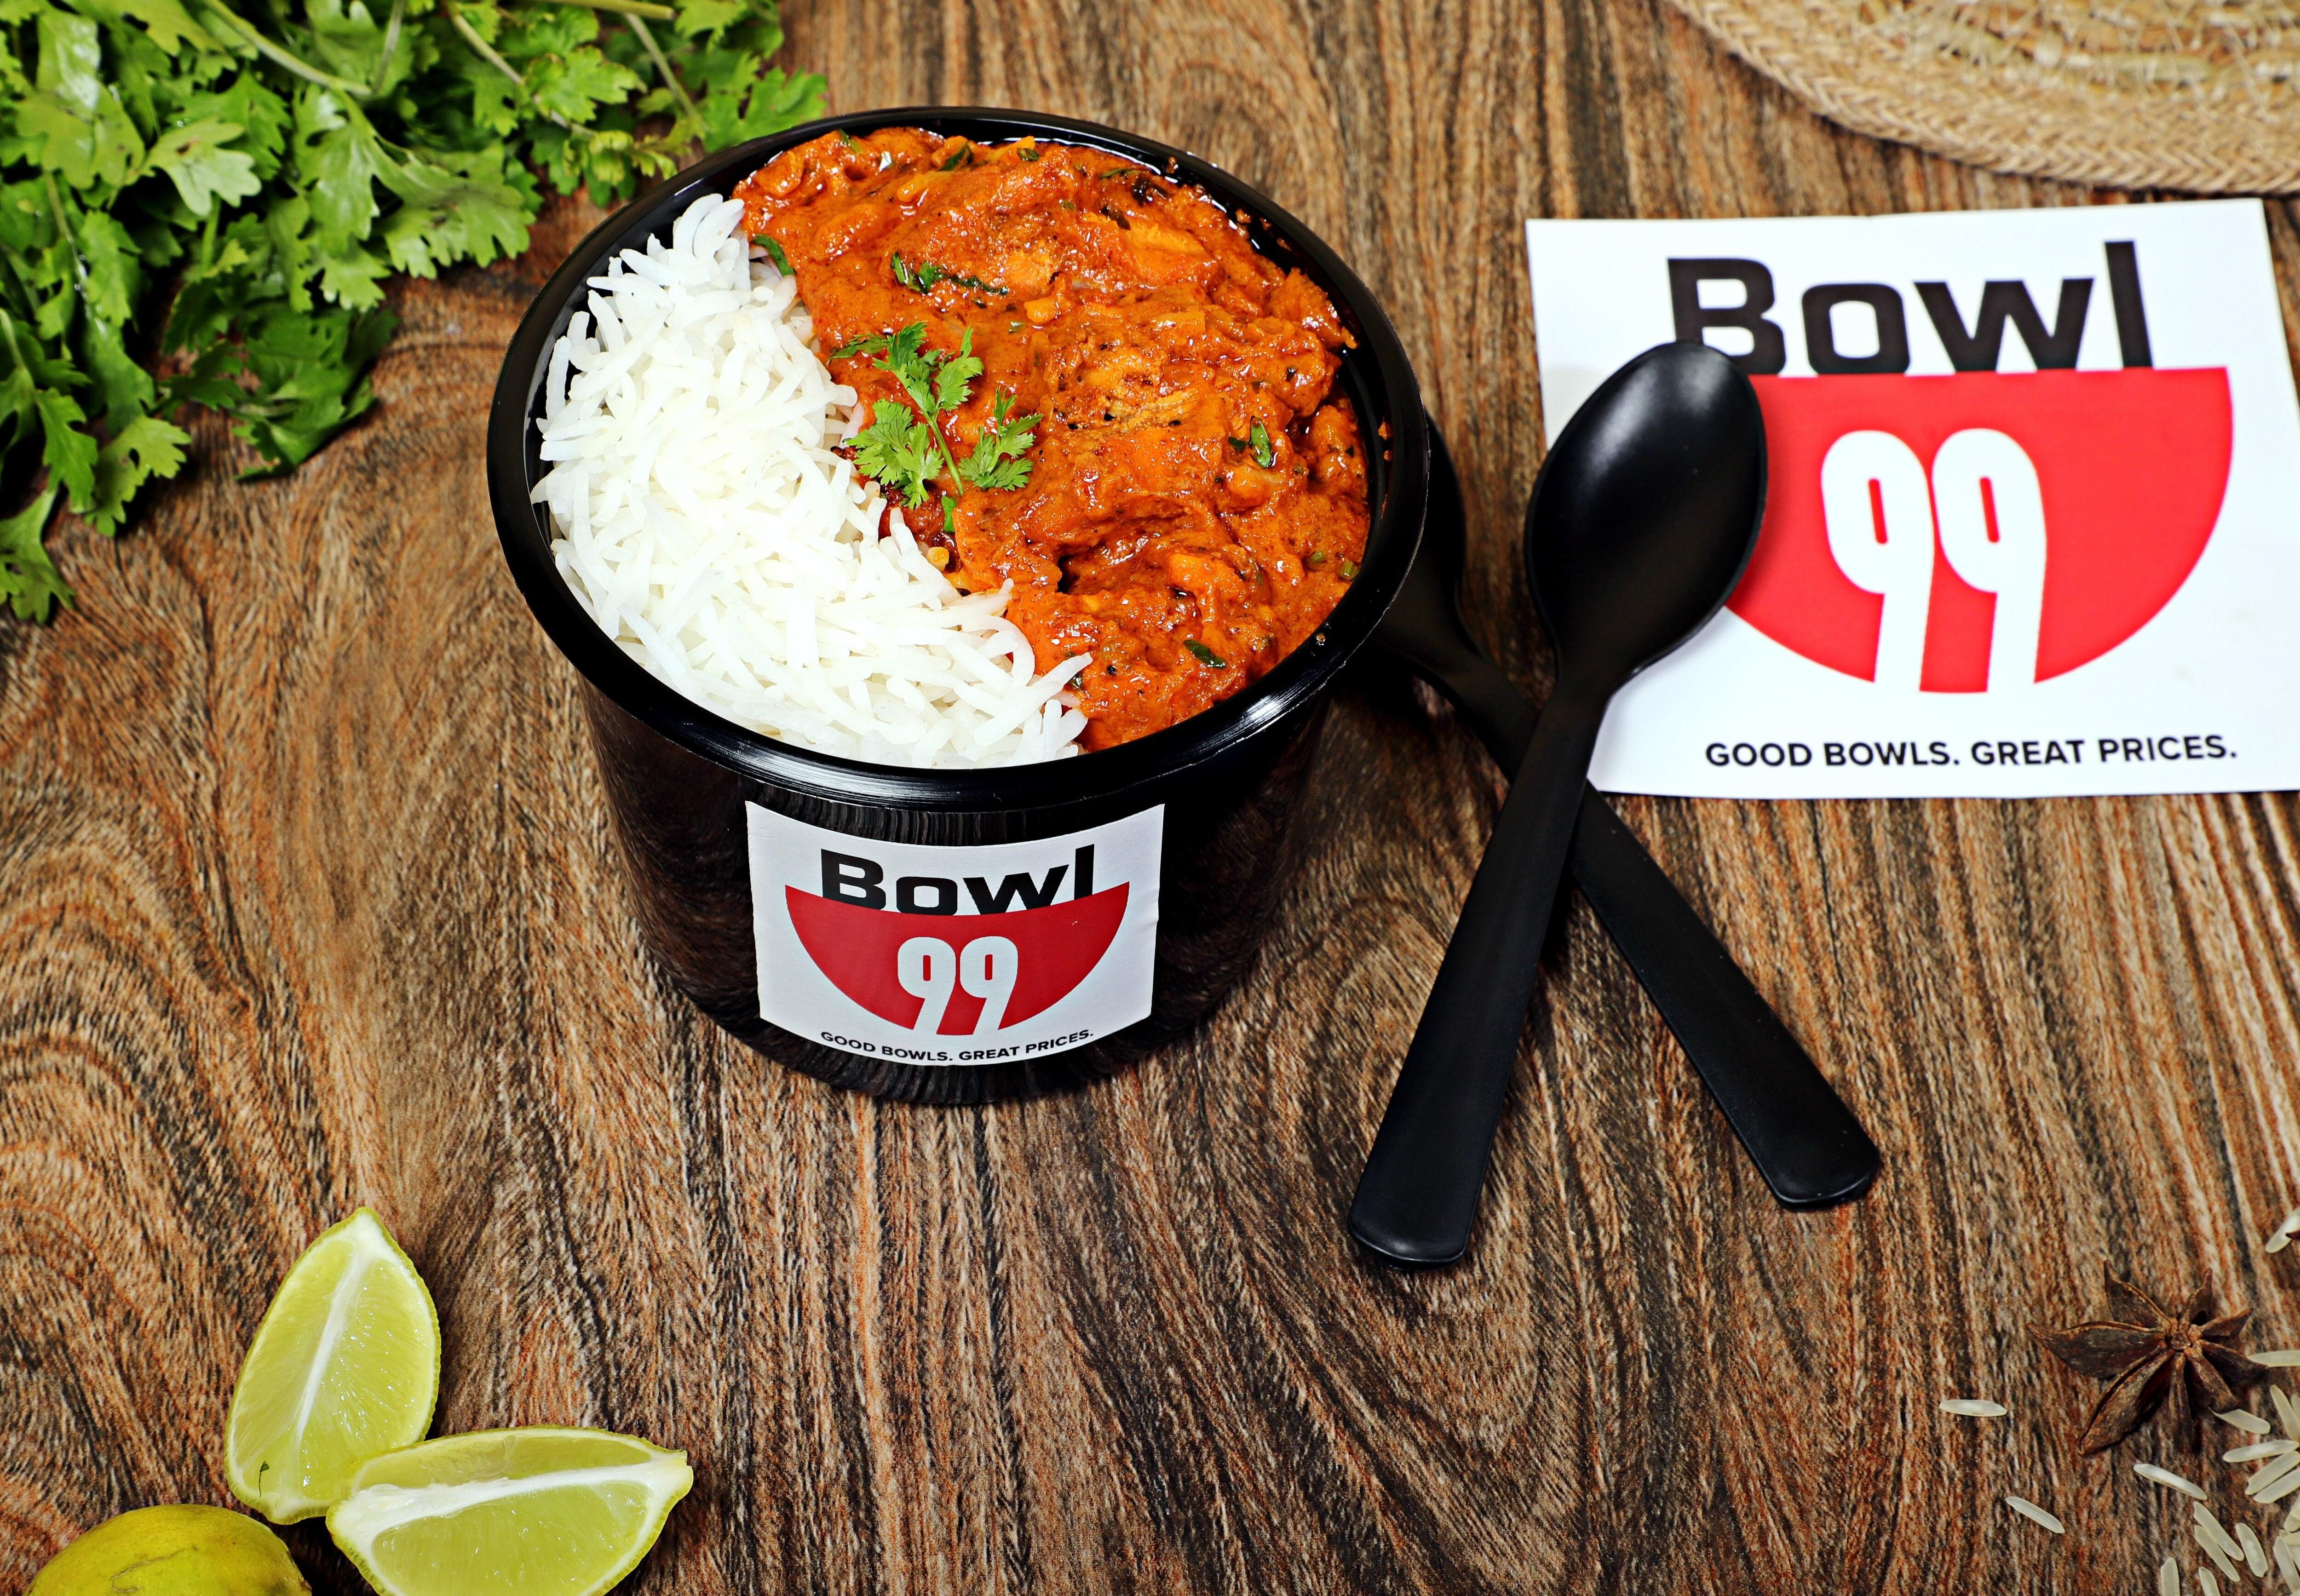 Bowl 99 - Koramangala - Bangalore Image